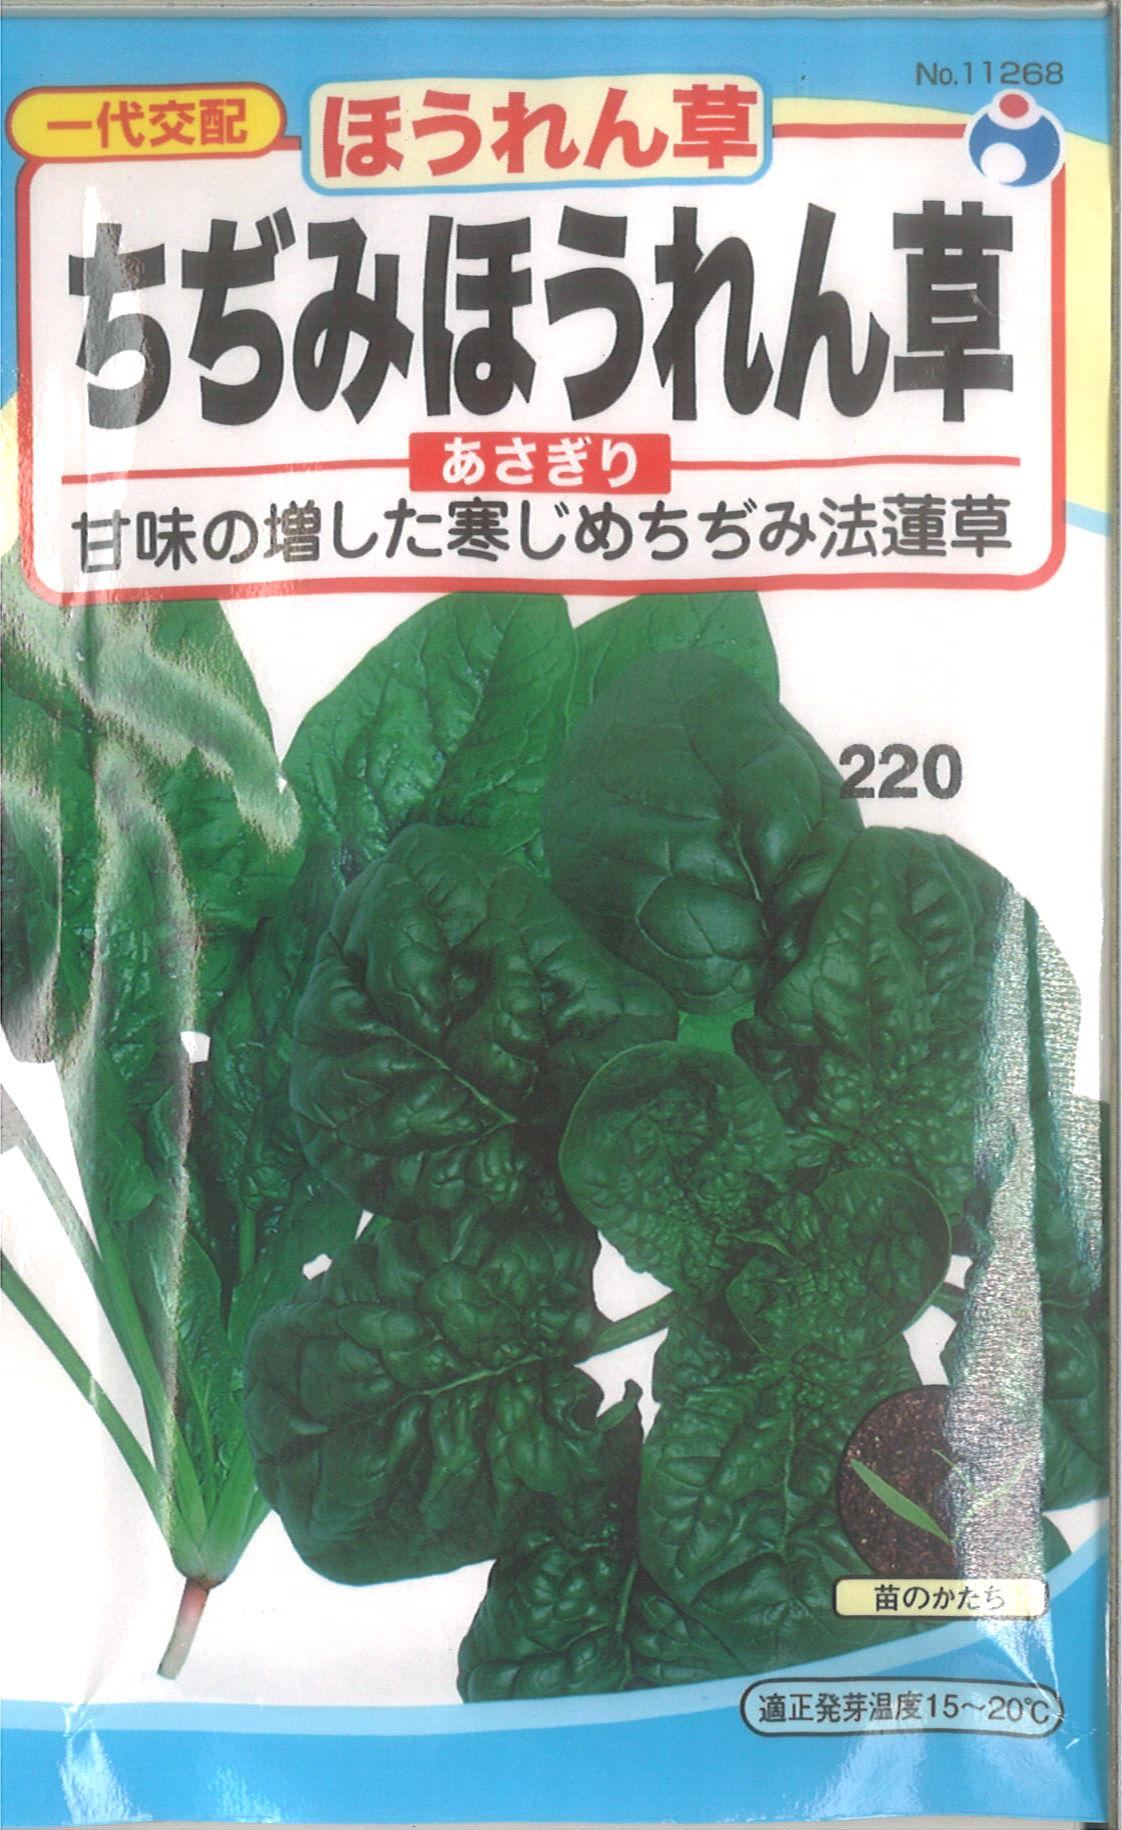 【代引不可】【5袋まで送料80円】□ちぢみほうれん草